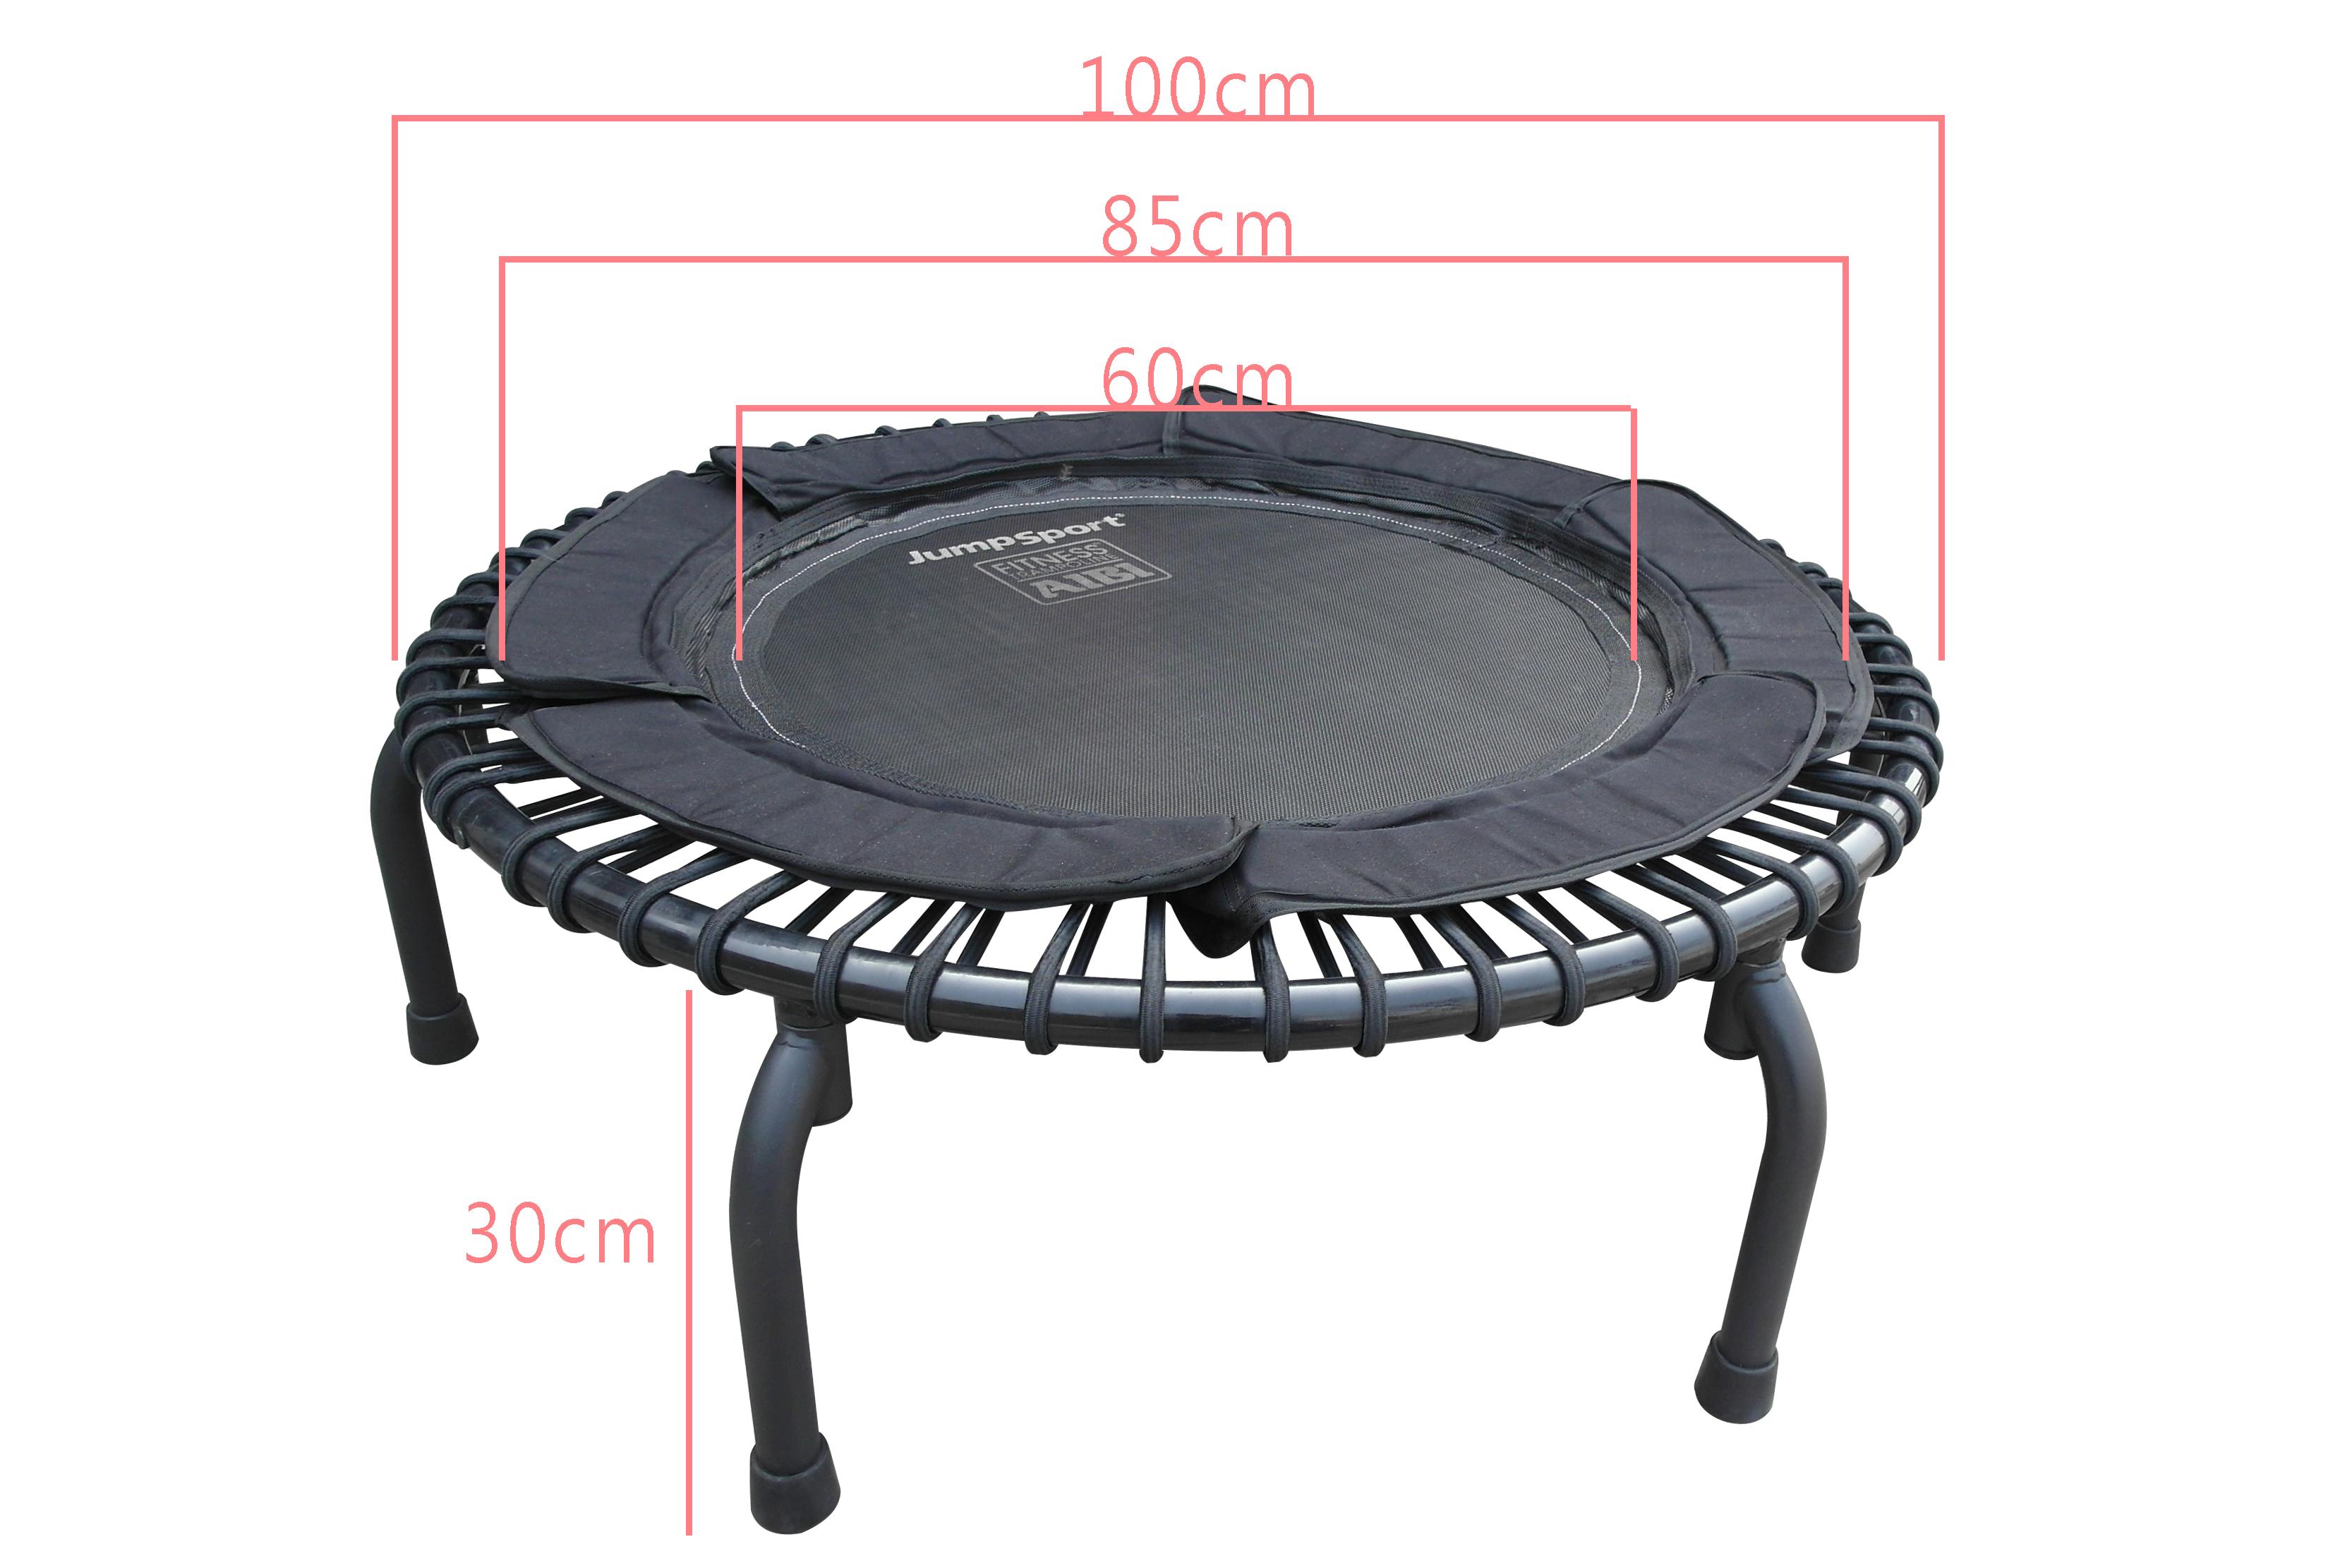 JumpSport健身彈跳床(JS-250)